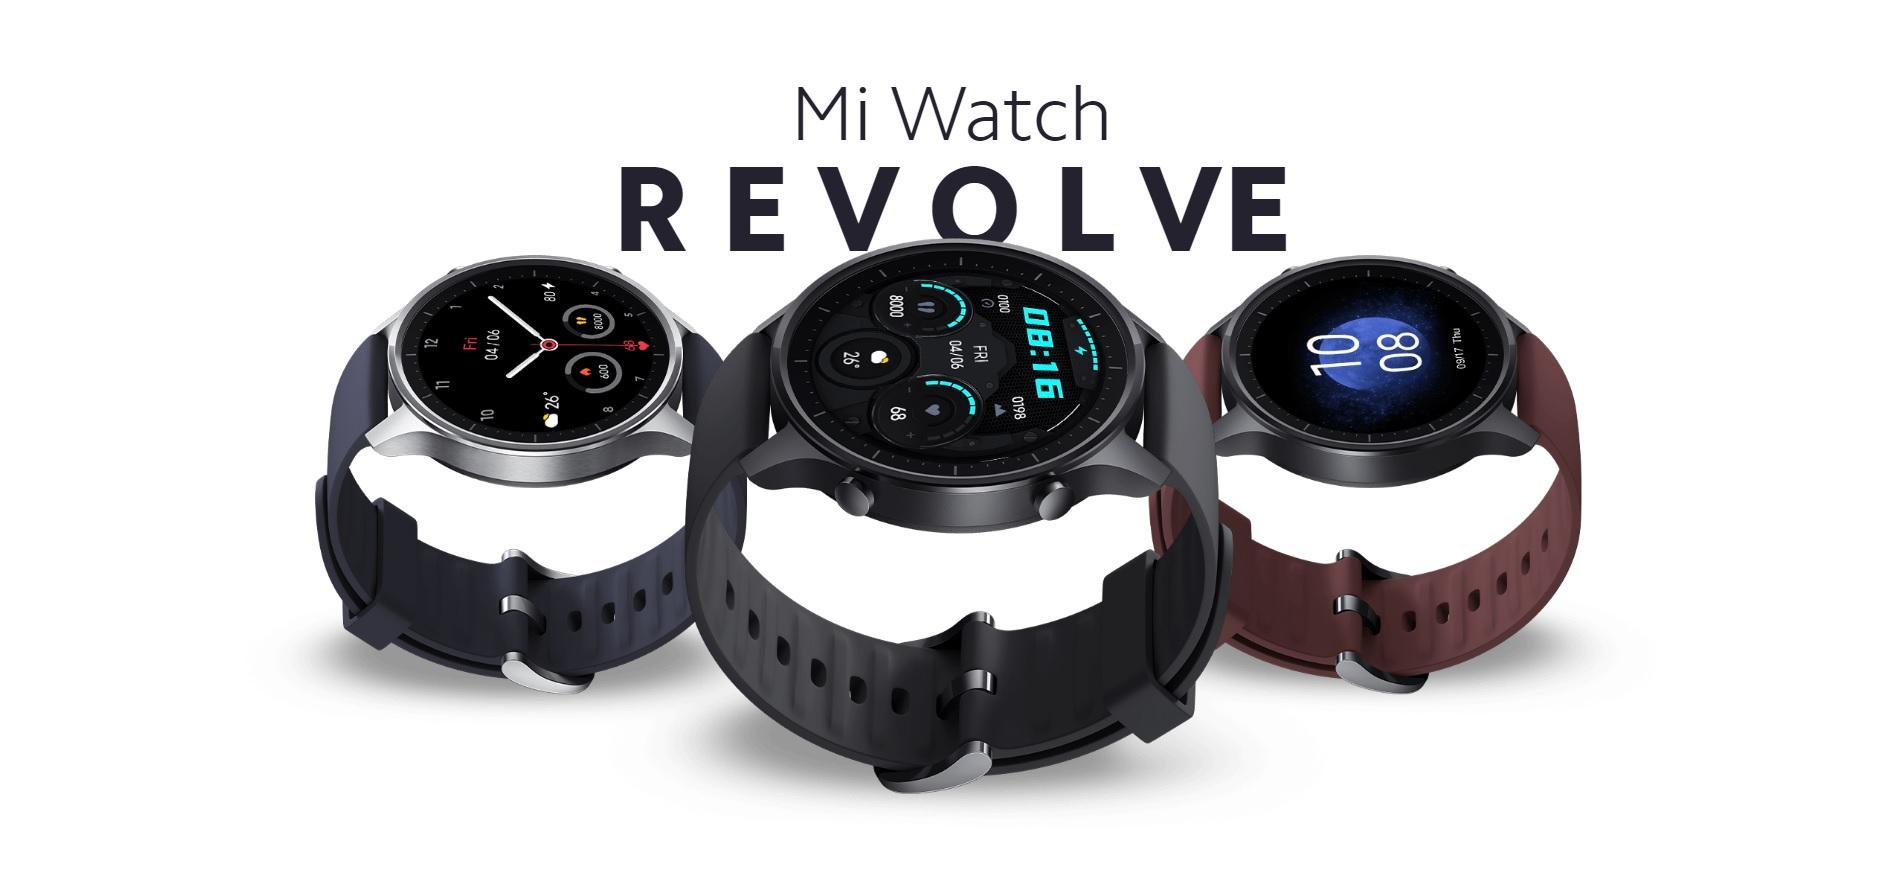 Xiaomi Mi Watch Revolve smartwatch